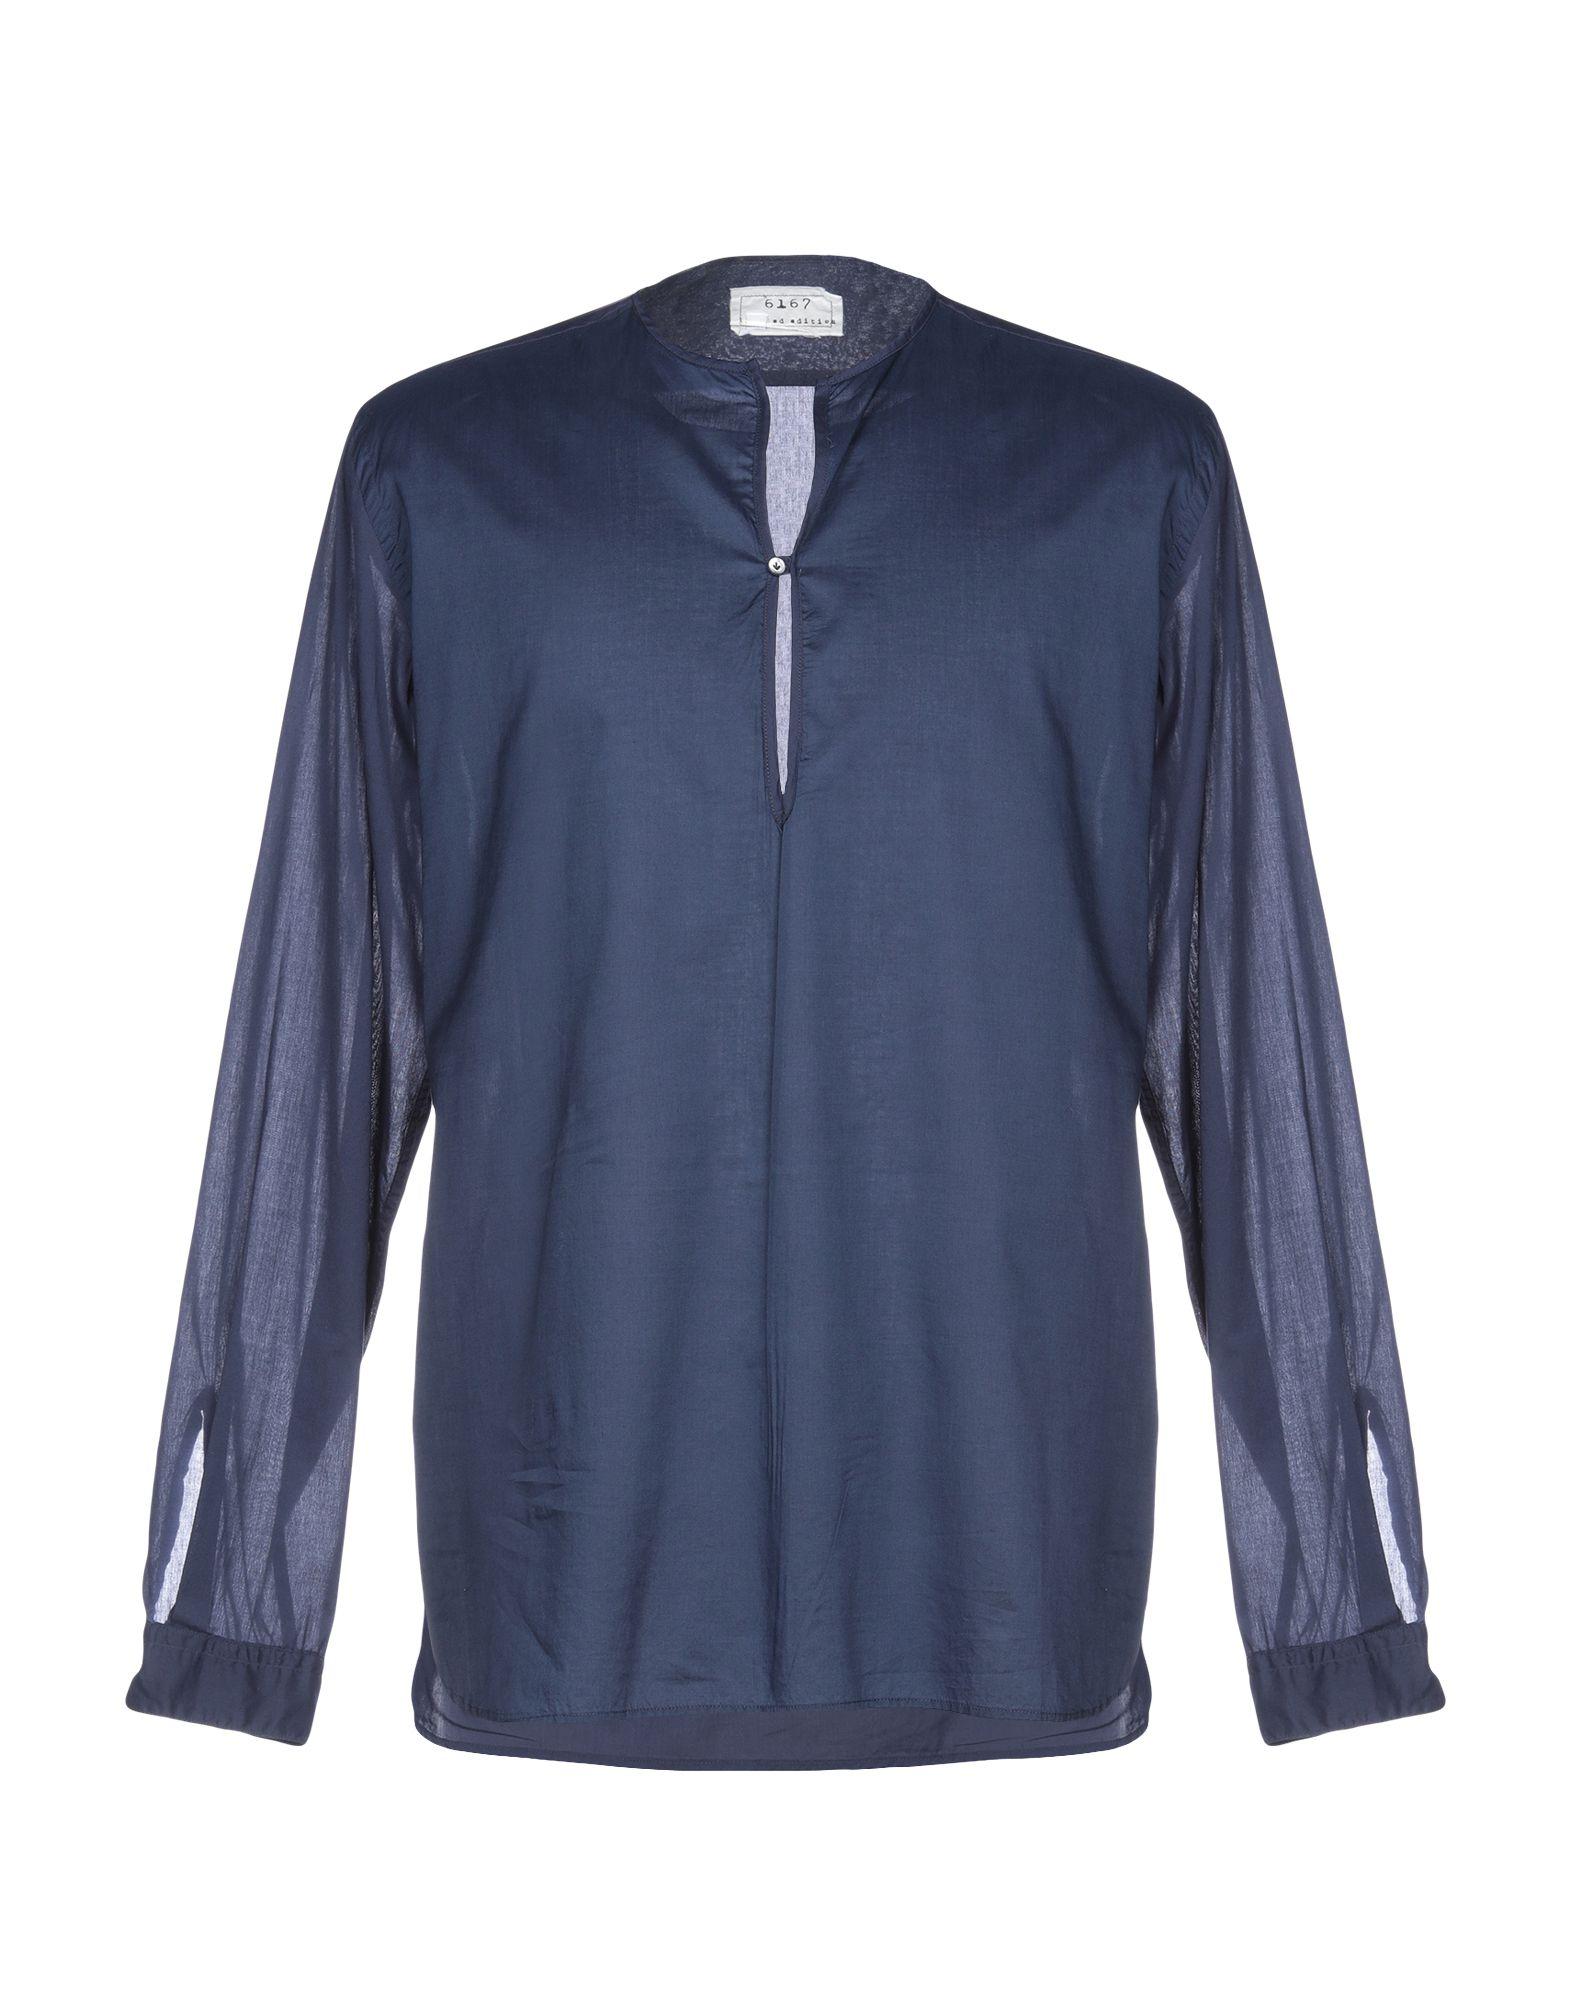 《送料無料》6167 メンズ シャツ ダークブルー 43 コットン 100%